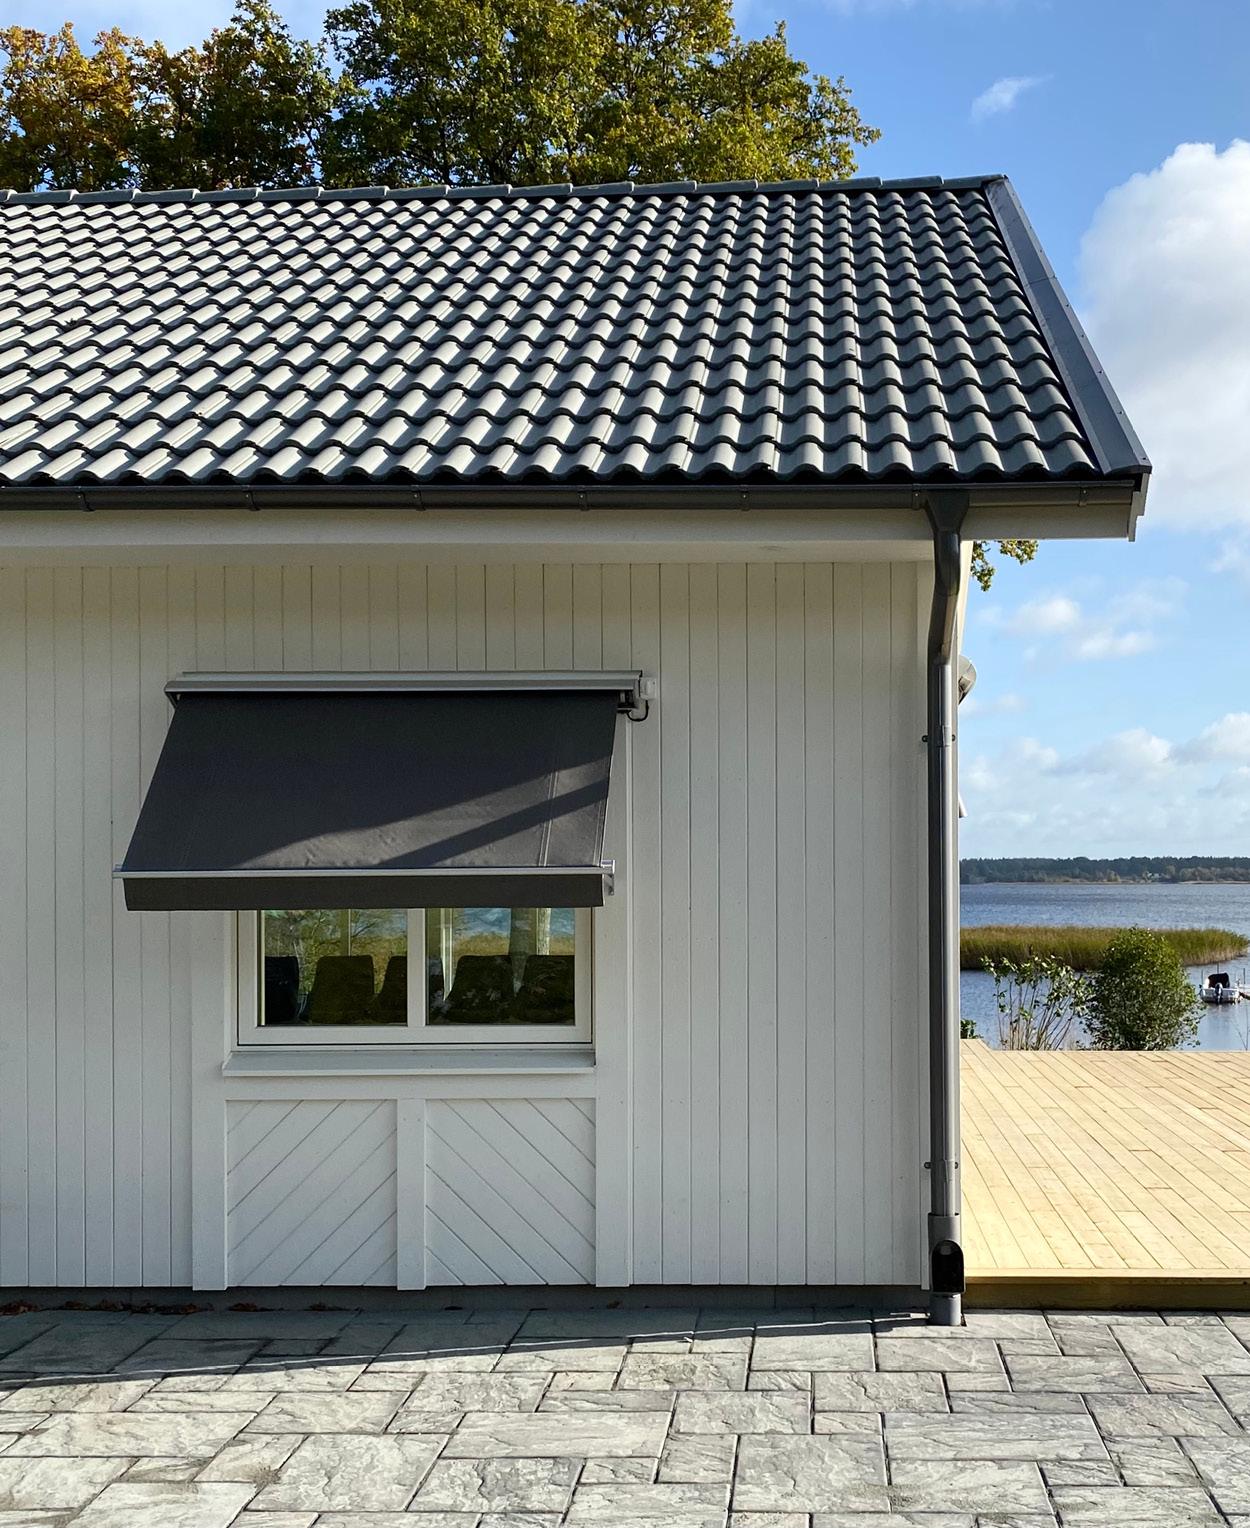 Hestra Markis_Produktbilder_Hestra_Tage_Large4